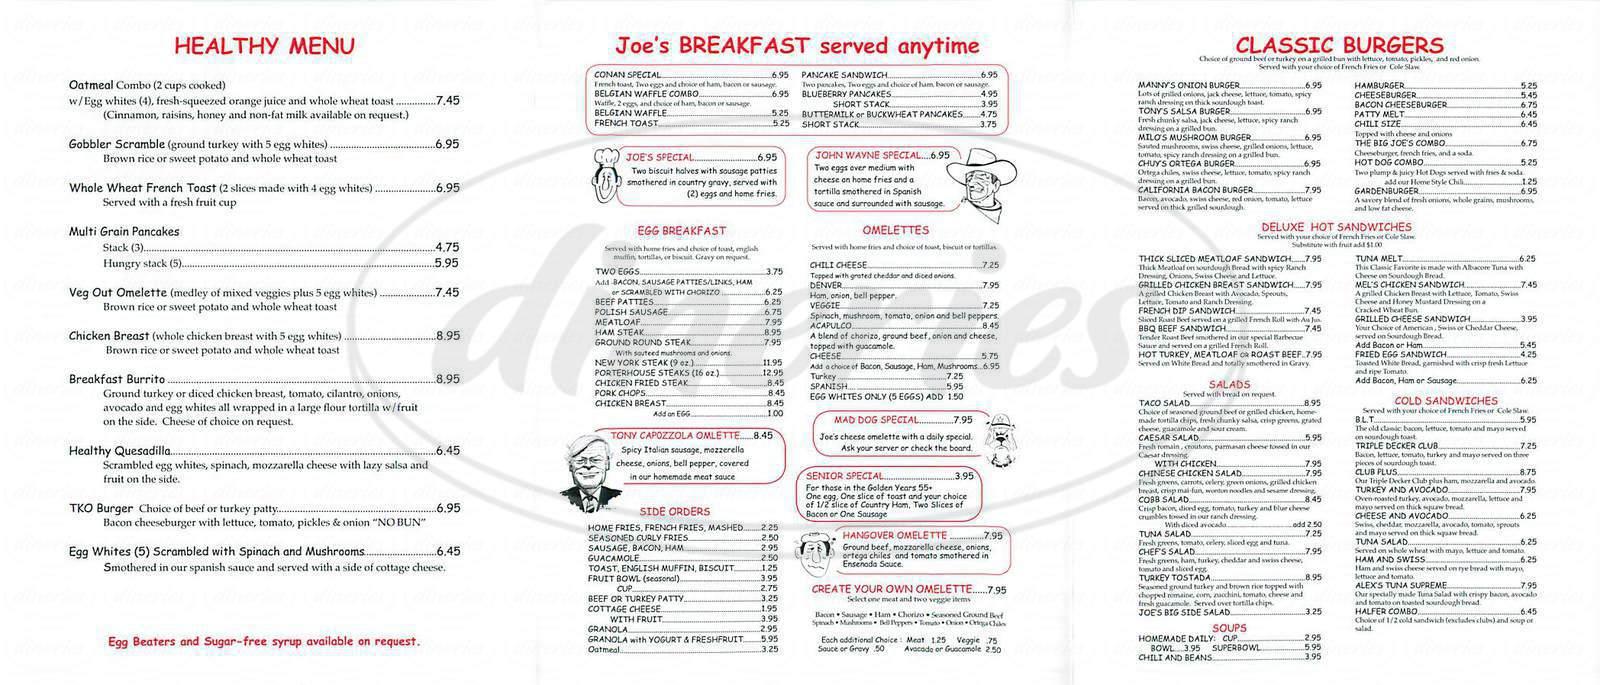 menu for Joe's Diner